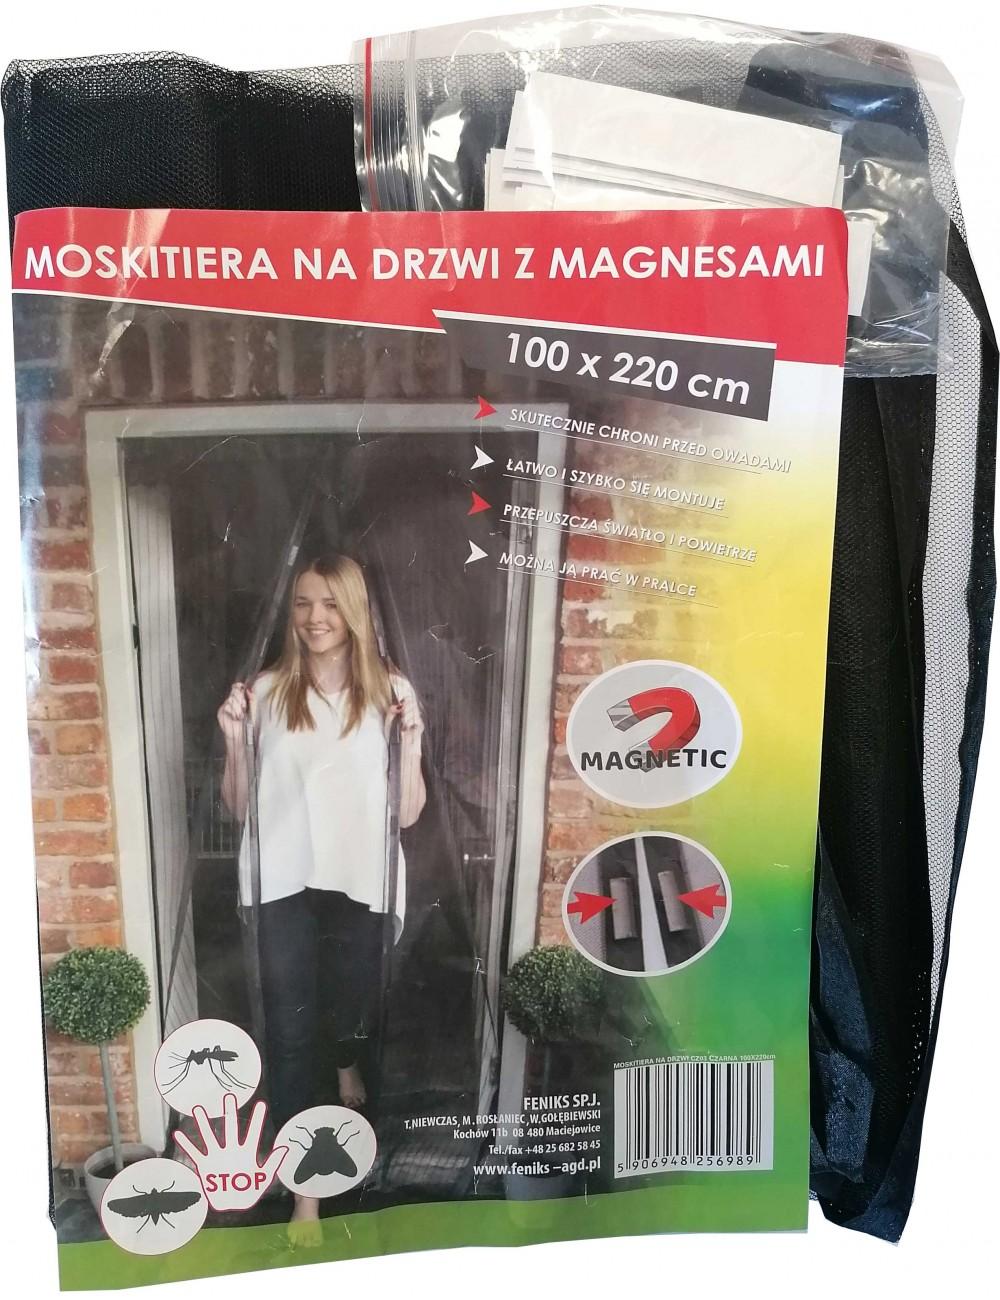 Siatka Moskietiera Na Drzwi z Magnesami 100x220 cm